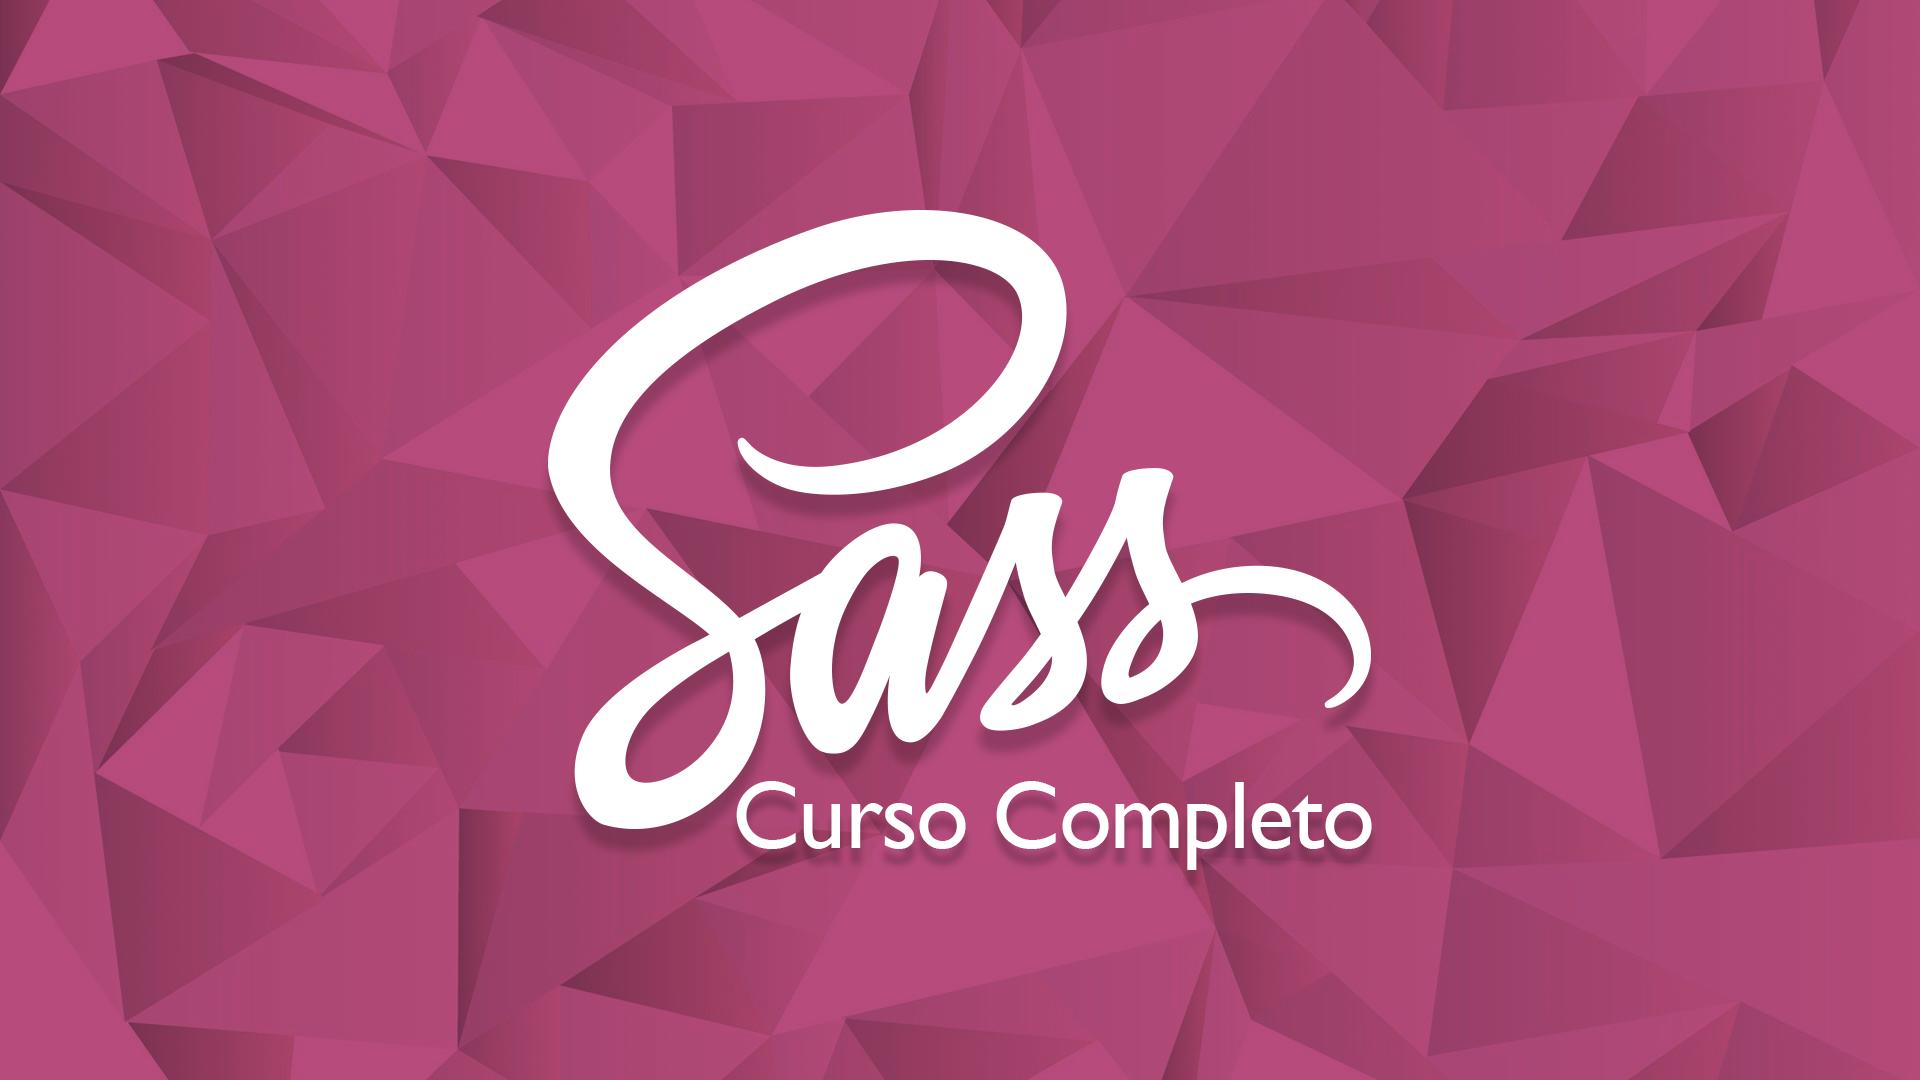 Curso Completo de Sass/SCSS: Do Iniciante ao Avançado